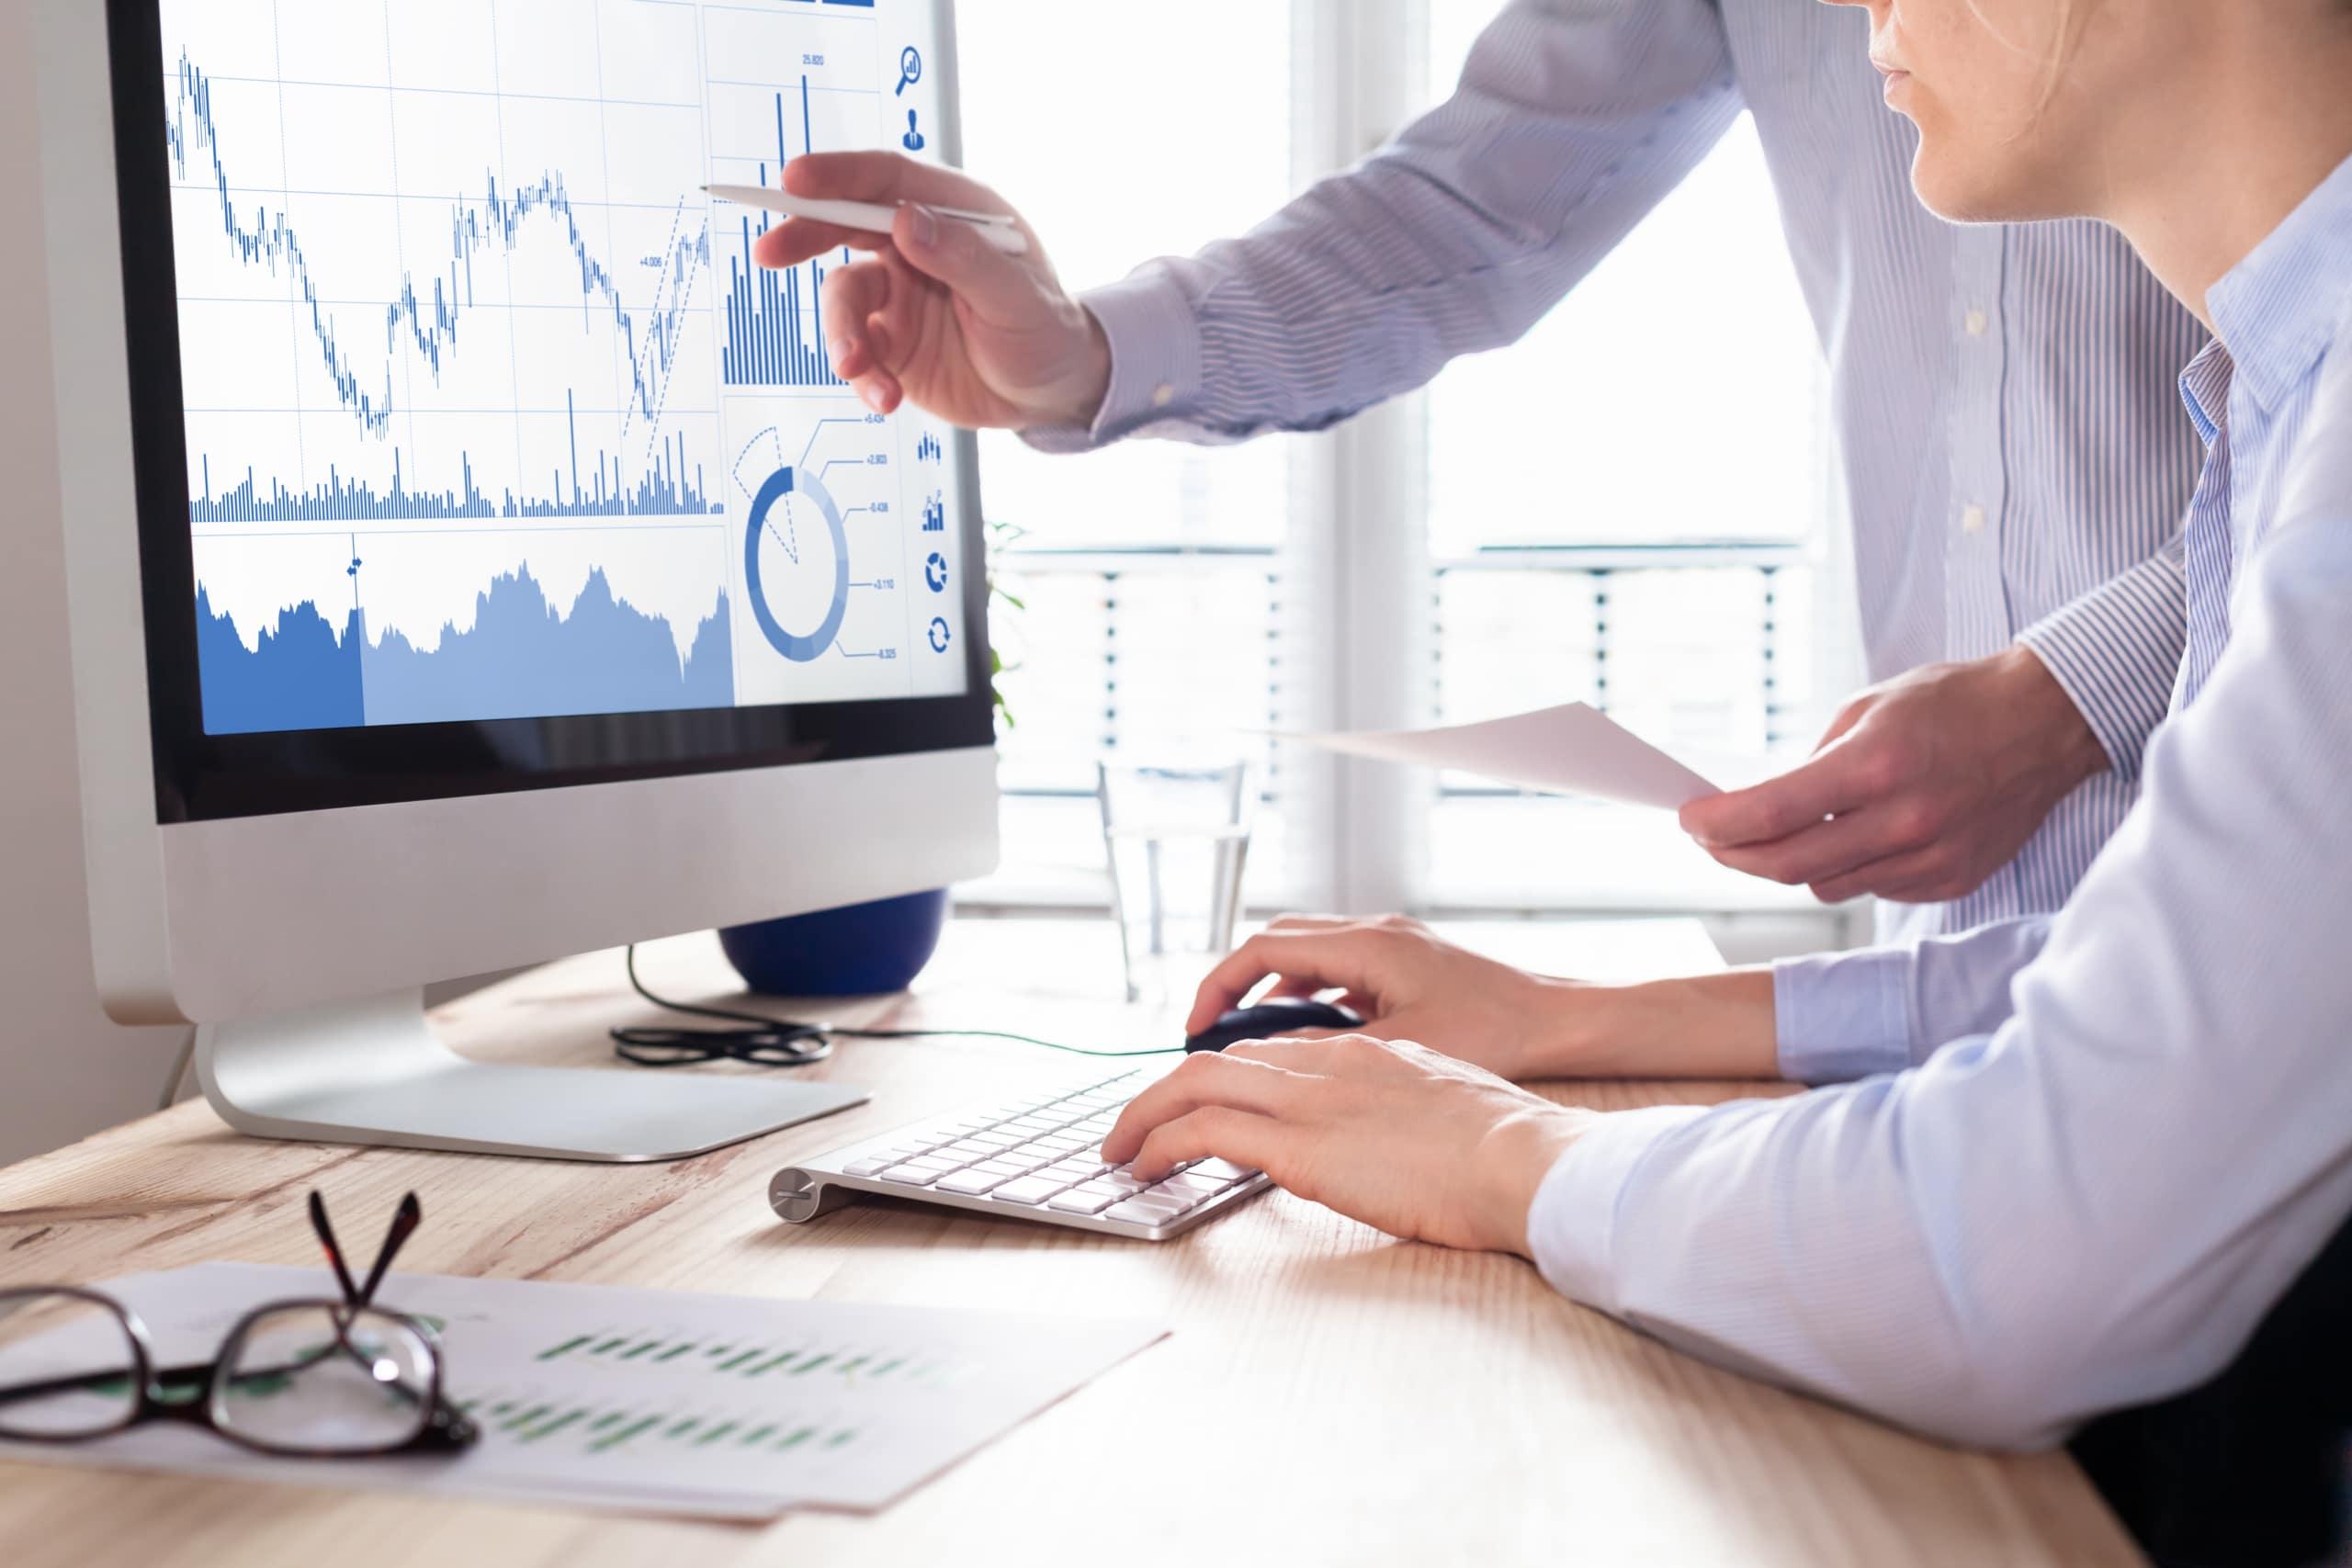 Trutning data into value